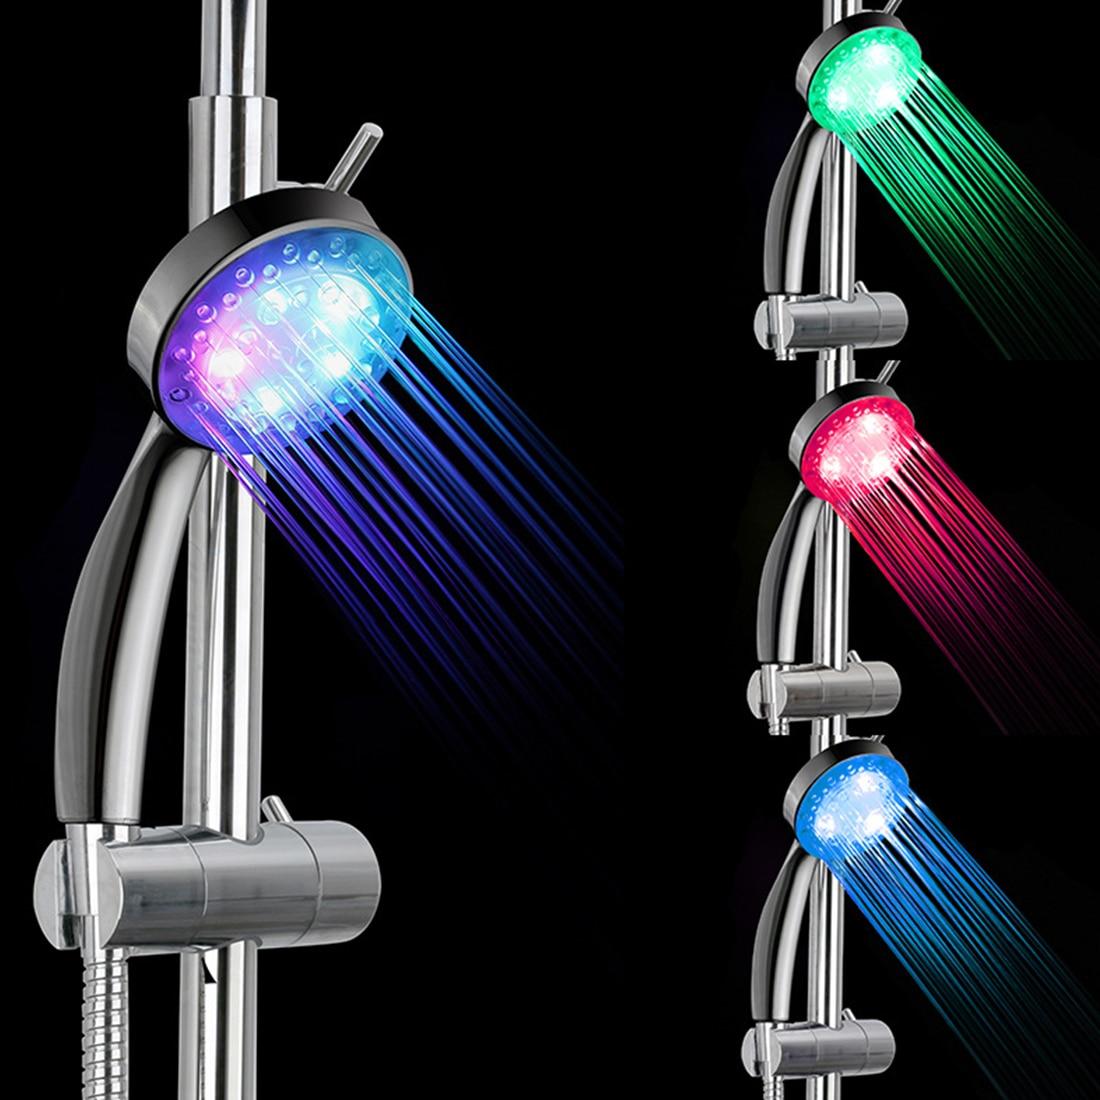 7 cores led cabeça de chuveiro sem led chuvas mudando chuveiro pressão cachoeira automática chuveiro único banheiro